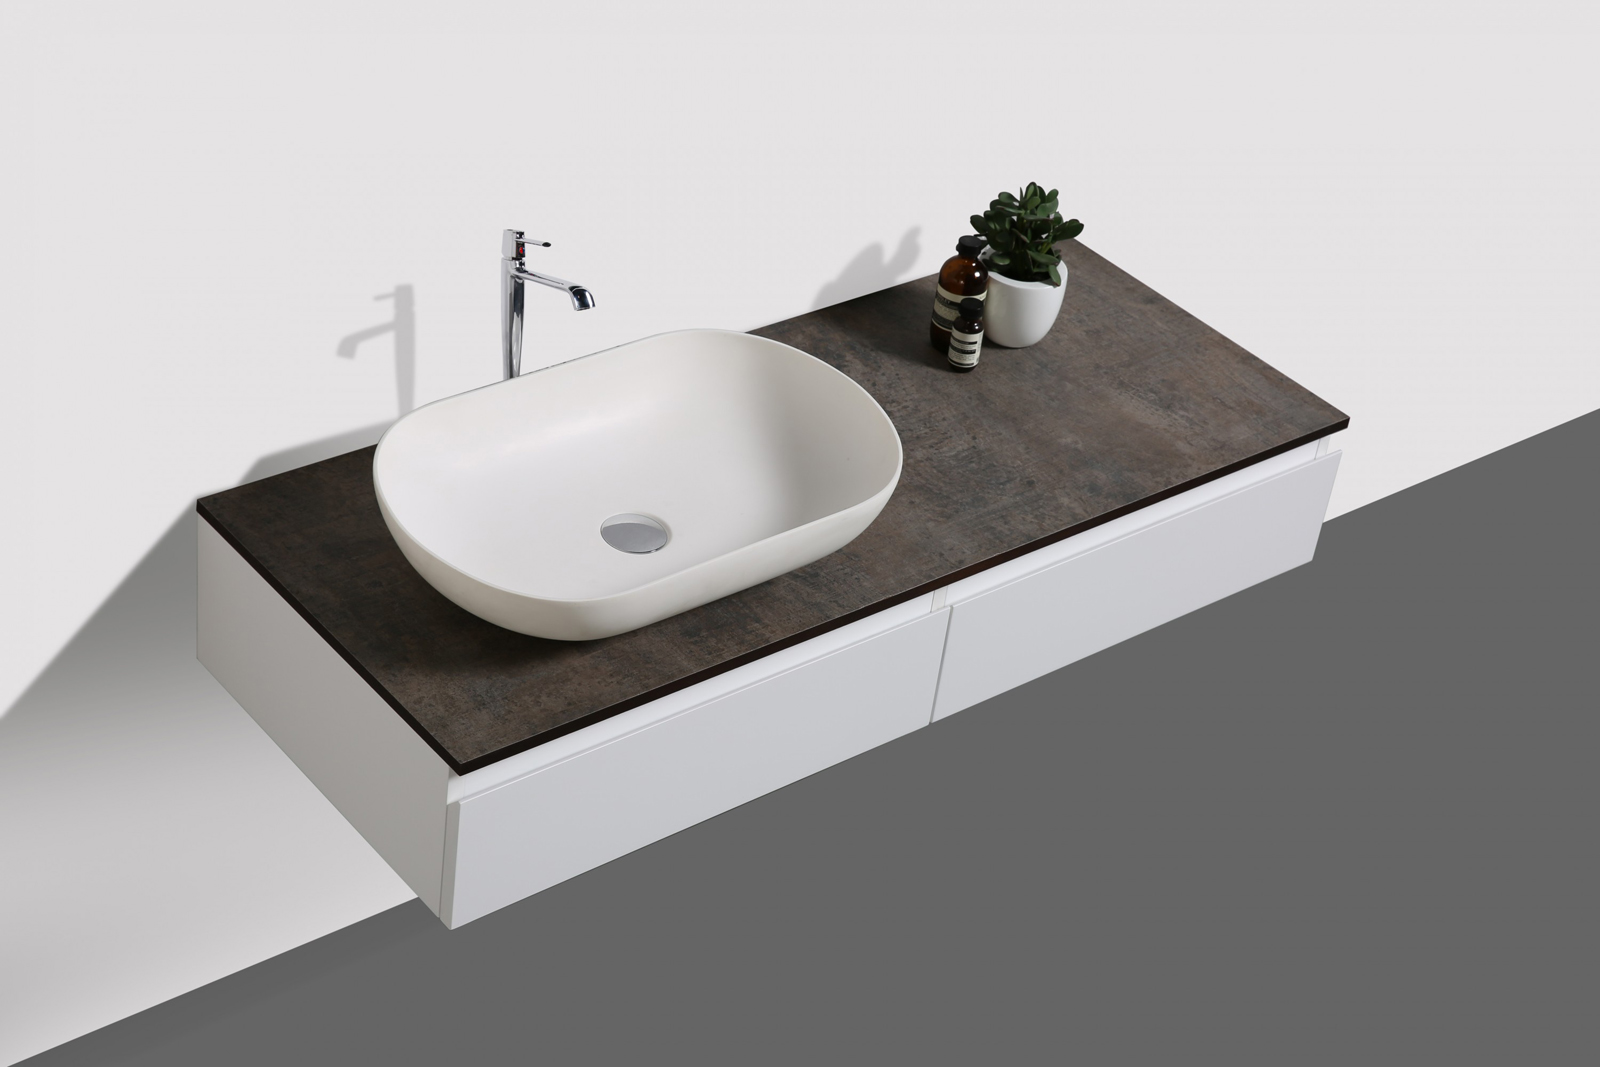 Mobili da bagno vision 120 cm bianco specchio bacino sottopensile